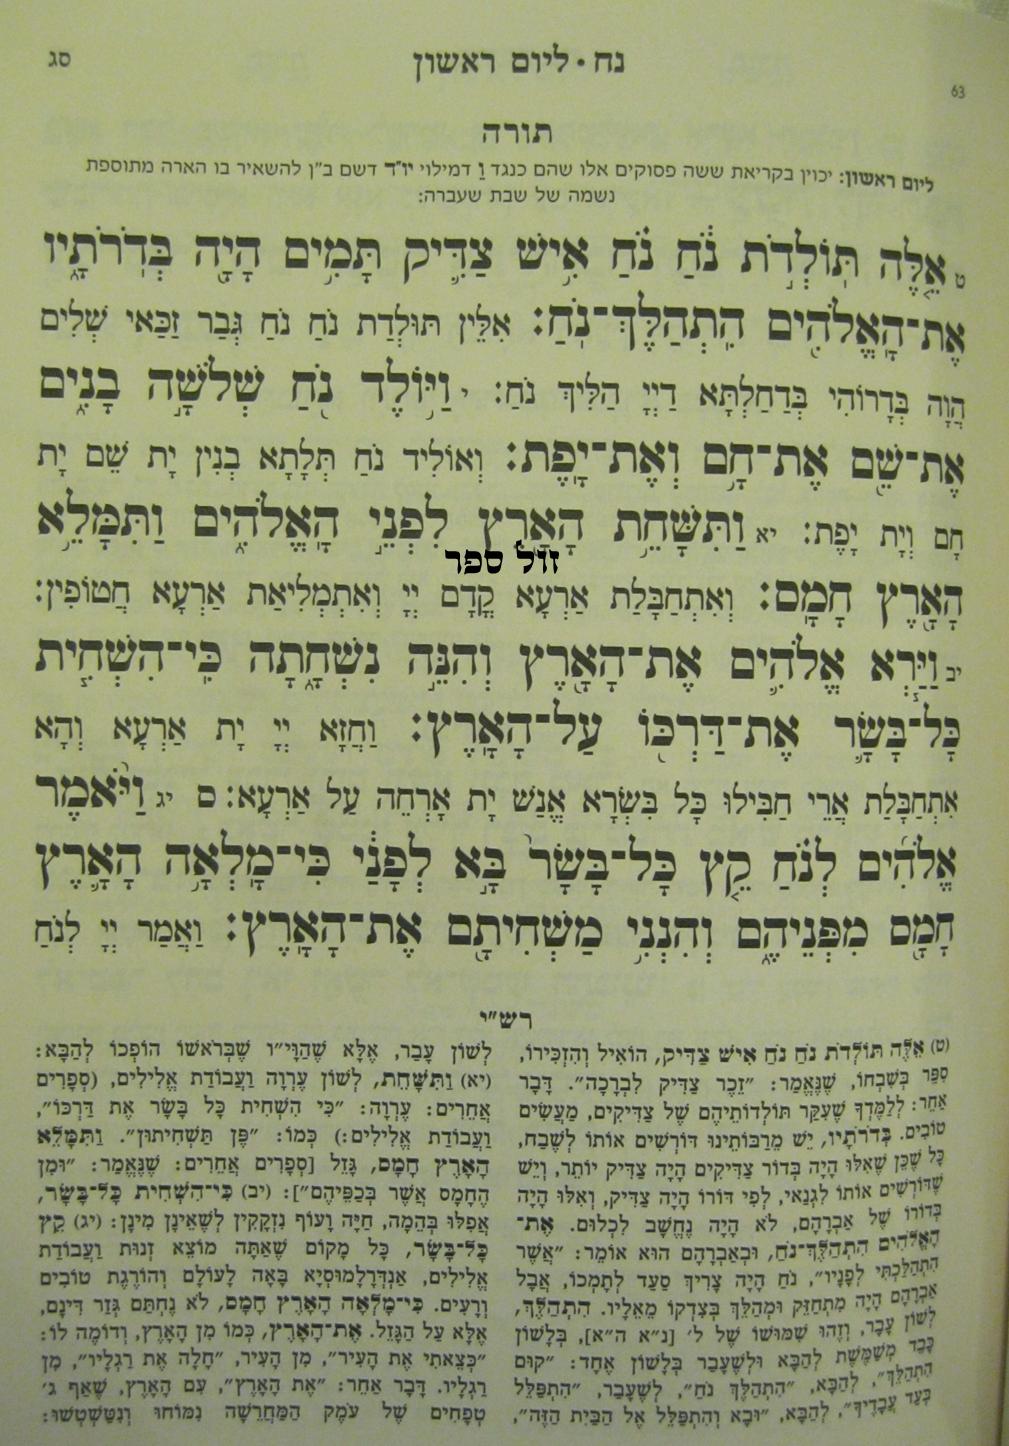 חוק לישראל